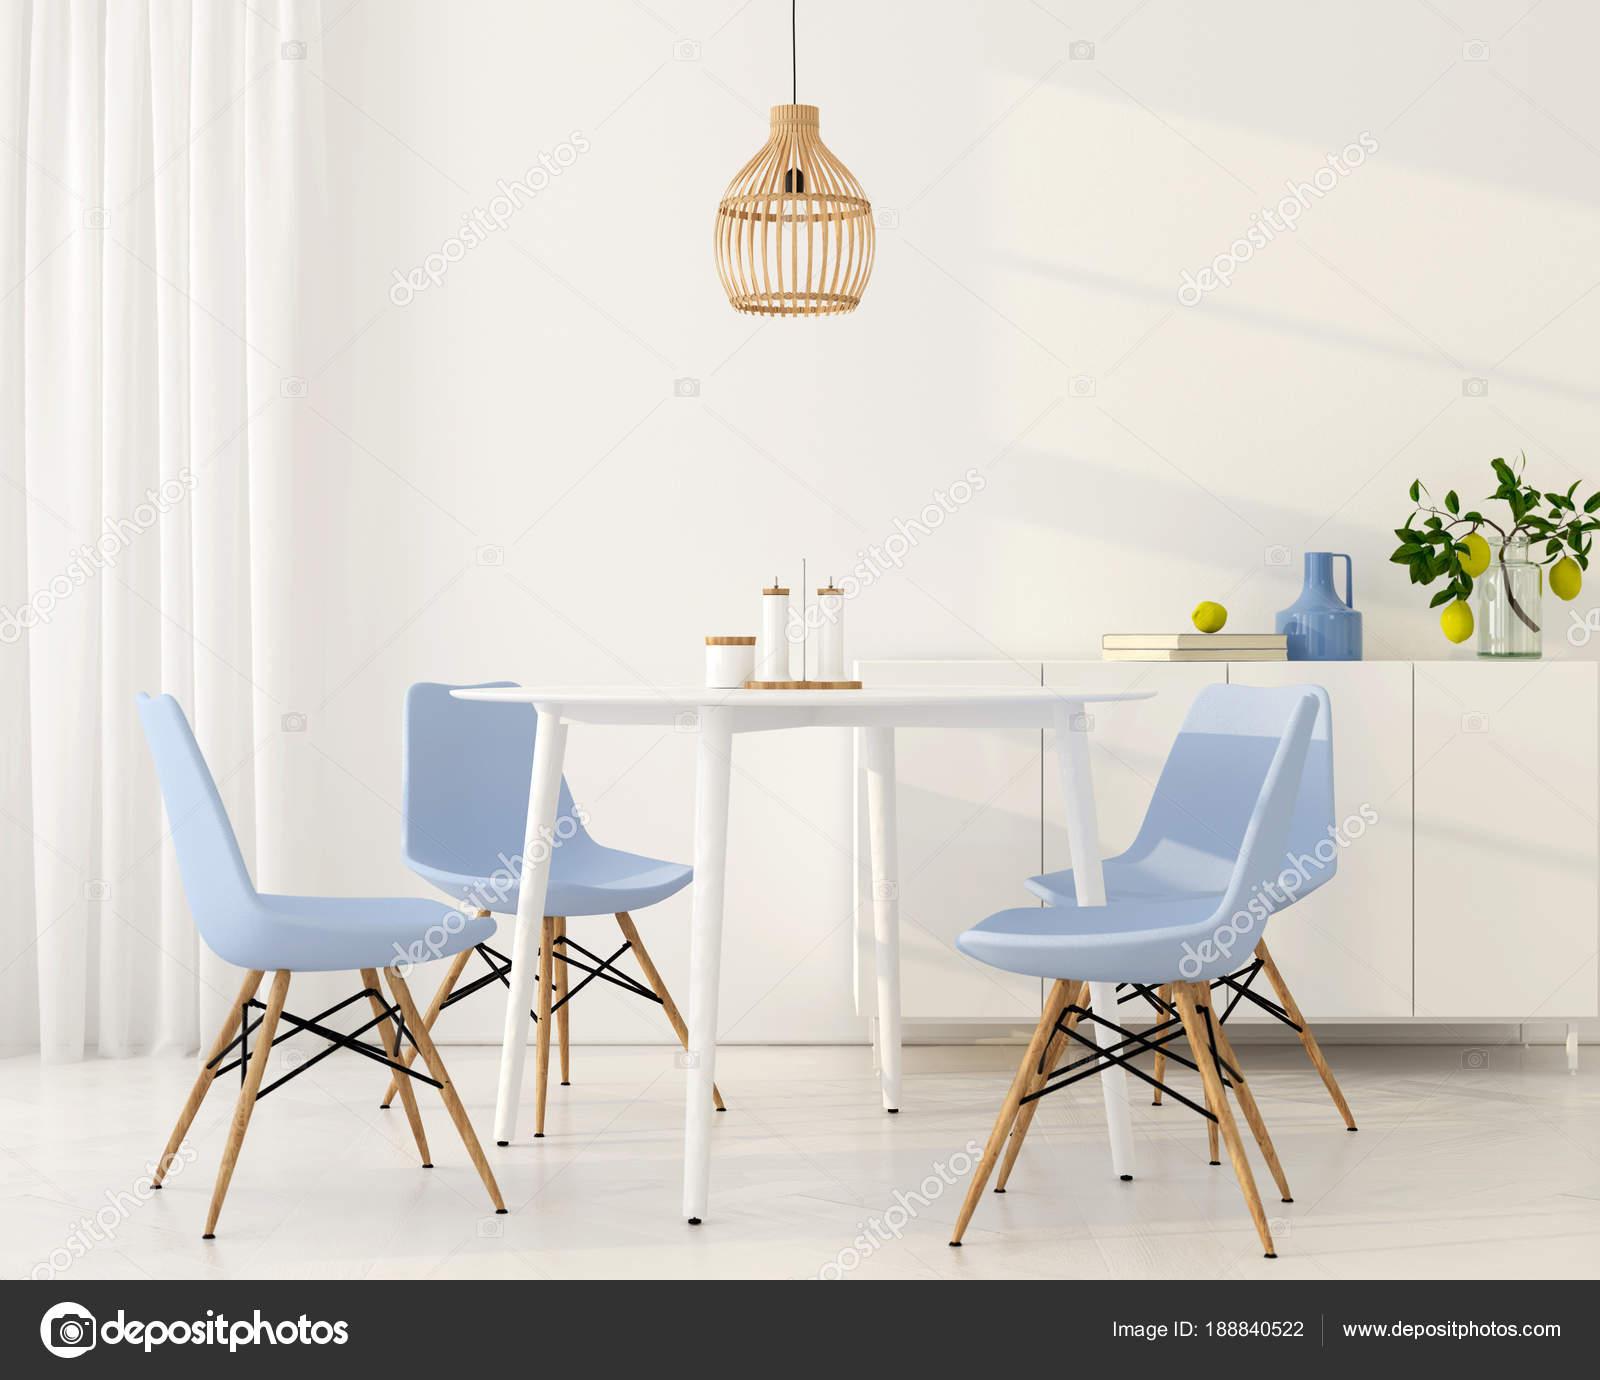 Blauwe Design Stoelen.Lichte Eetkamer Met Blauwe Stoelen Stockfoto C Jzhuk 188840522